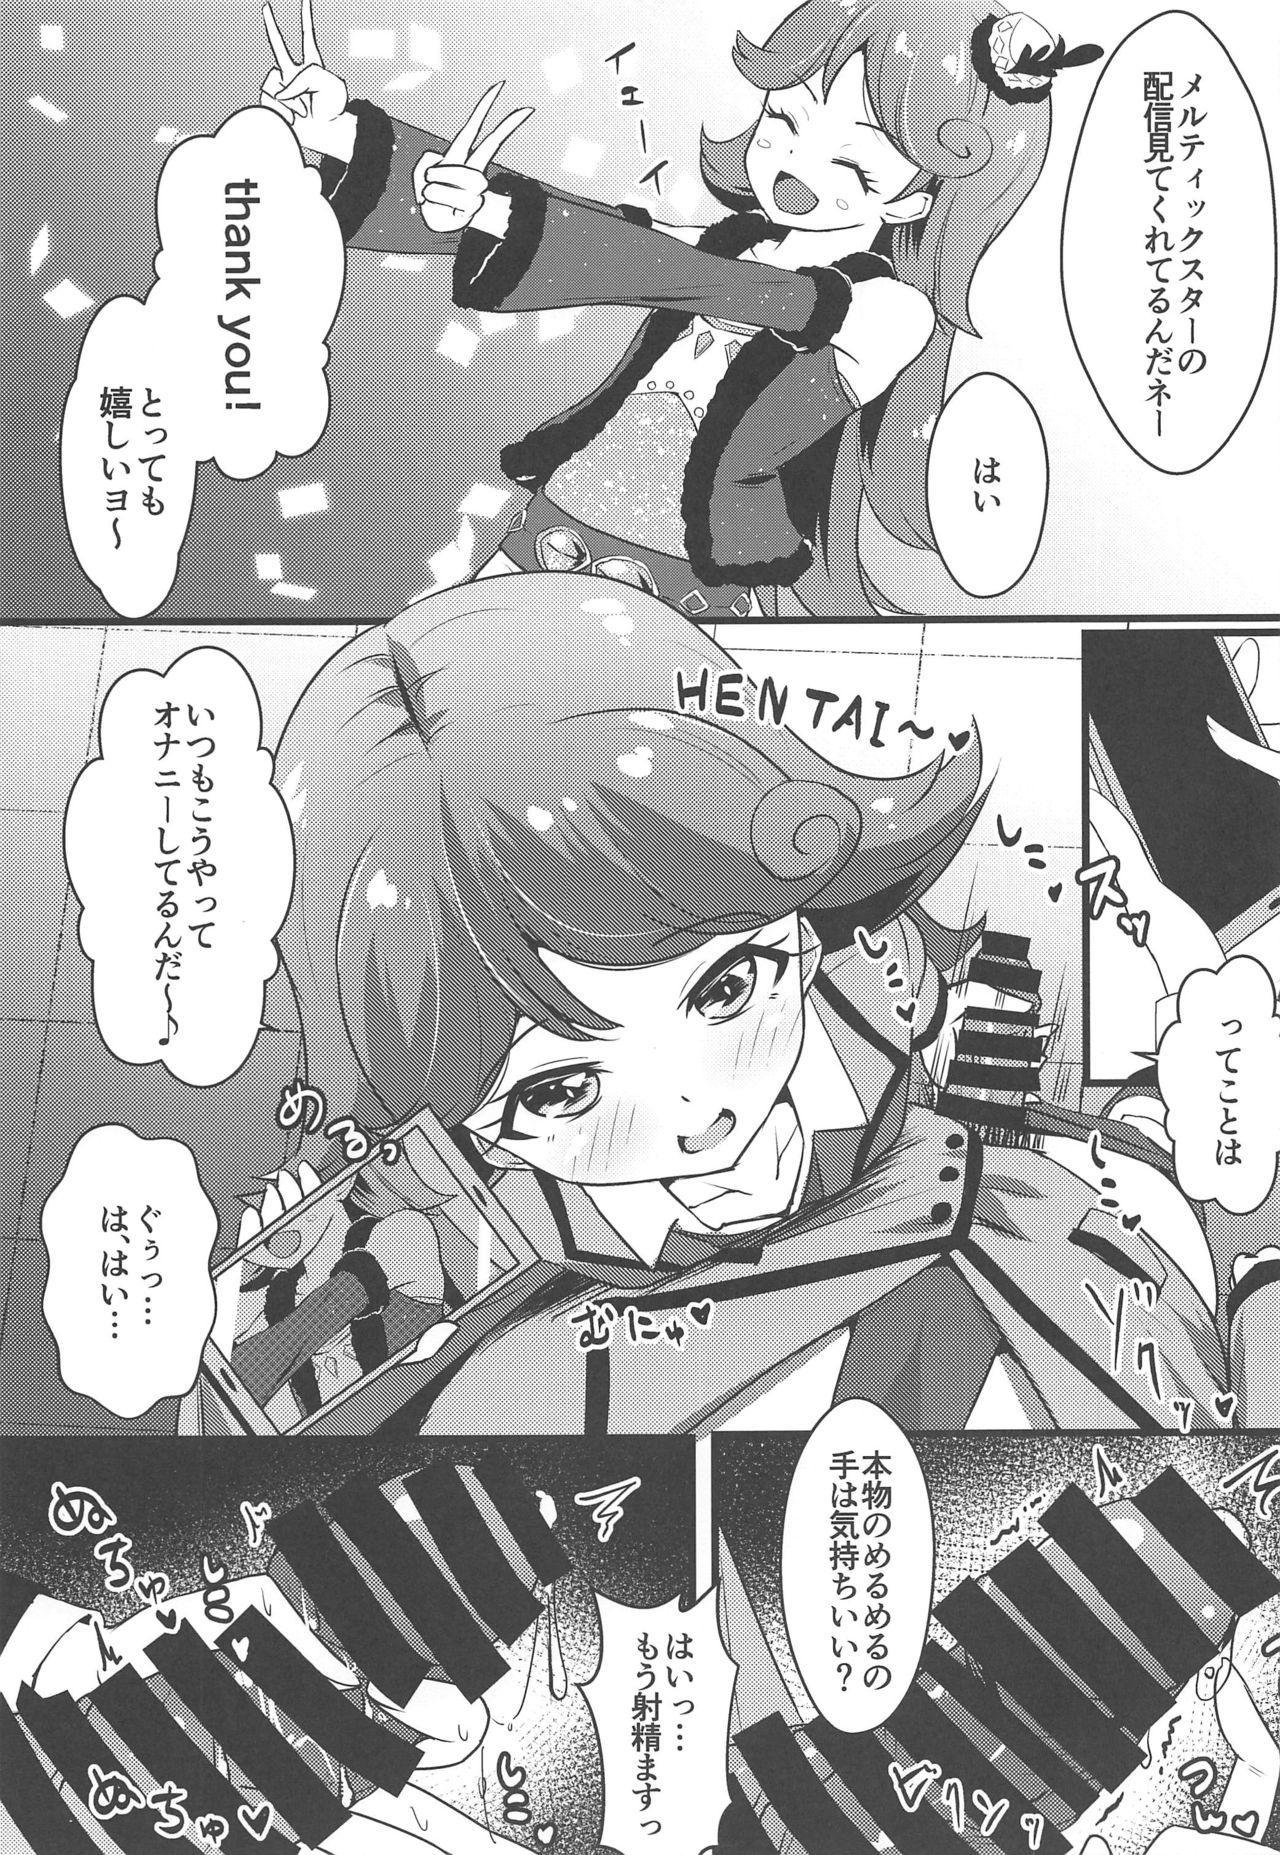 Classmate no Shiou-san ni Tanomikonde Ecchi na Koto o Shite Morau Hon + C97 Rakugaki Omake Hon 5